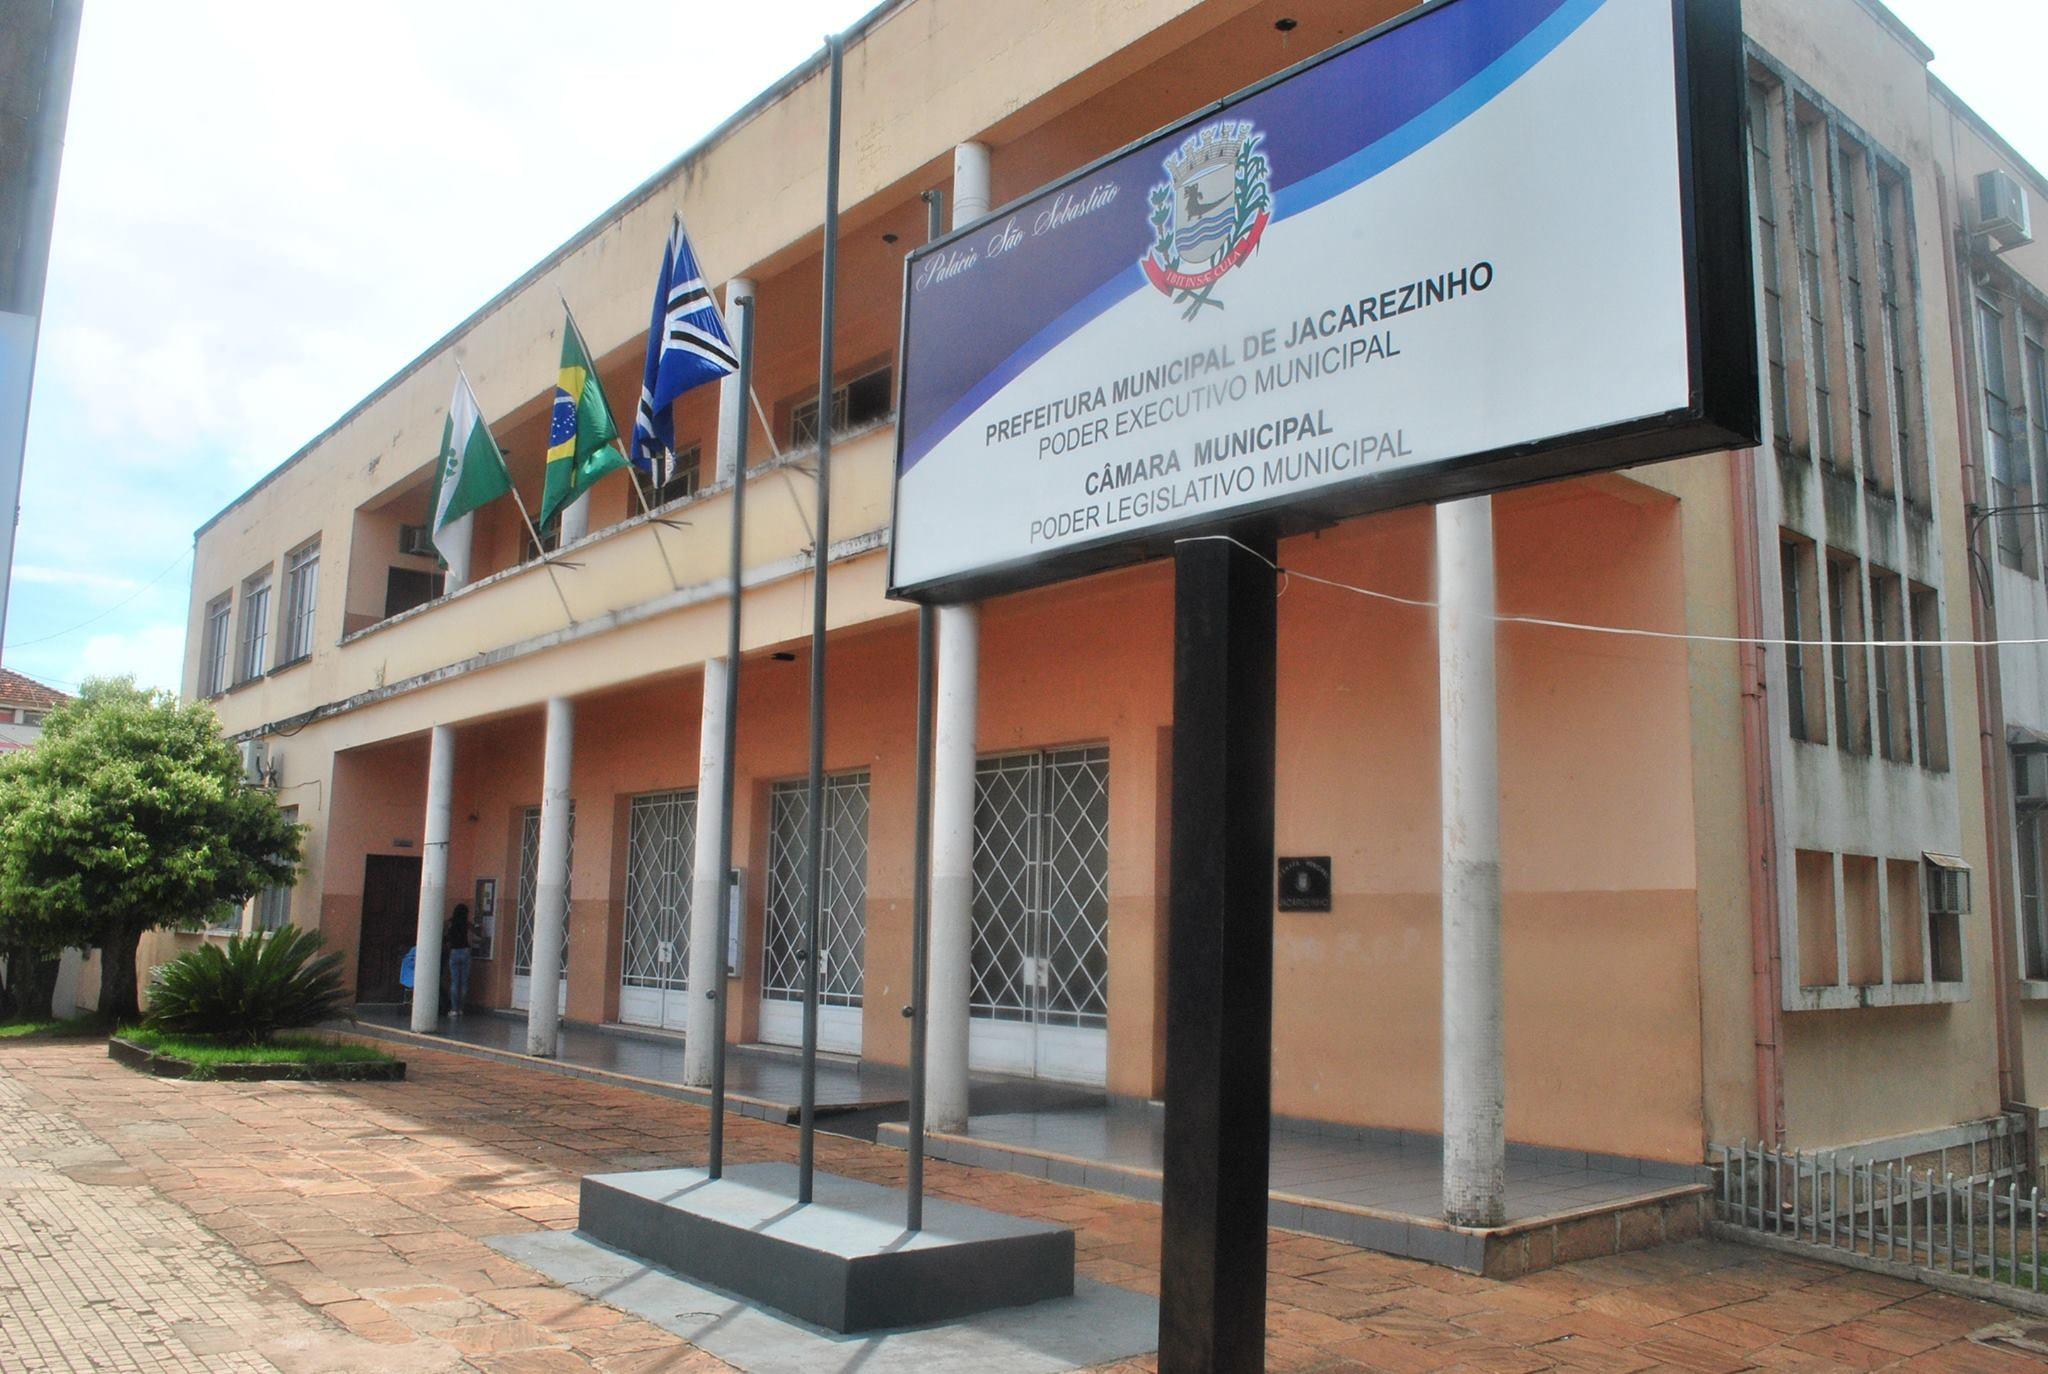 Jacarezinho: Decreto transfere data do feriado municipal nas repartições públicas